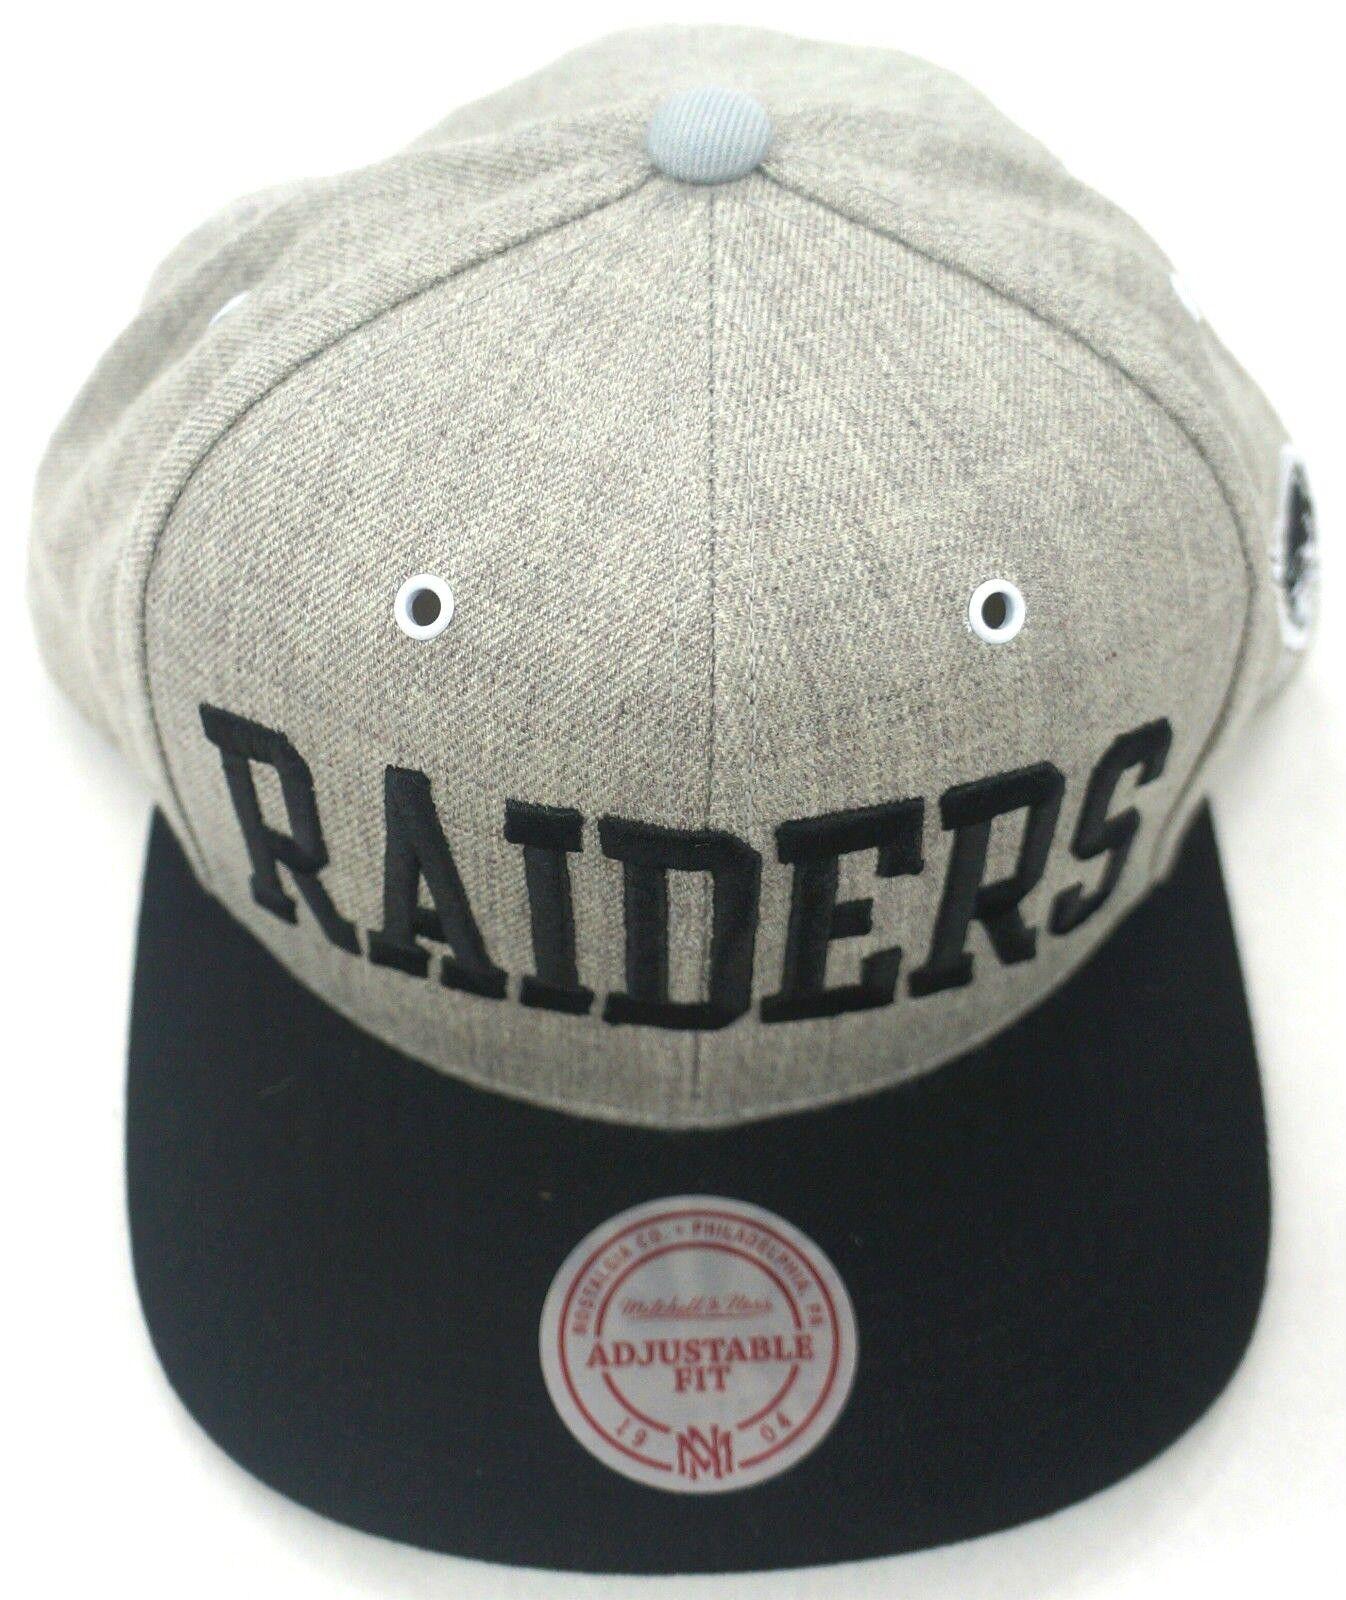 NFL Oakland Raiders Raiders Raiders Mitchell & Ness Vintage Wolle Snapback Kappe M&N Neu ae4f2d